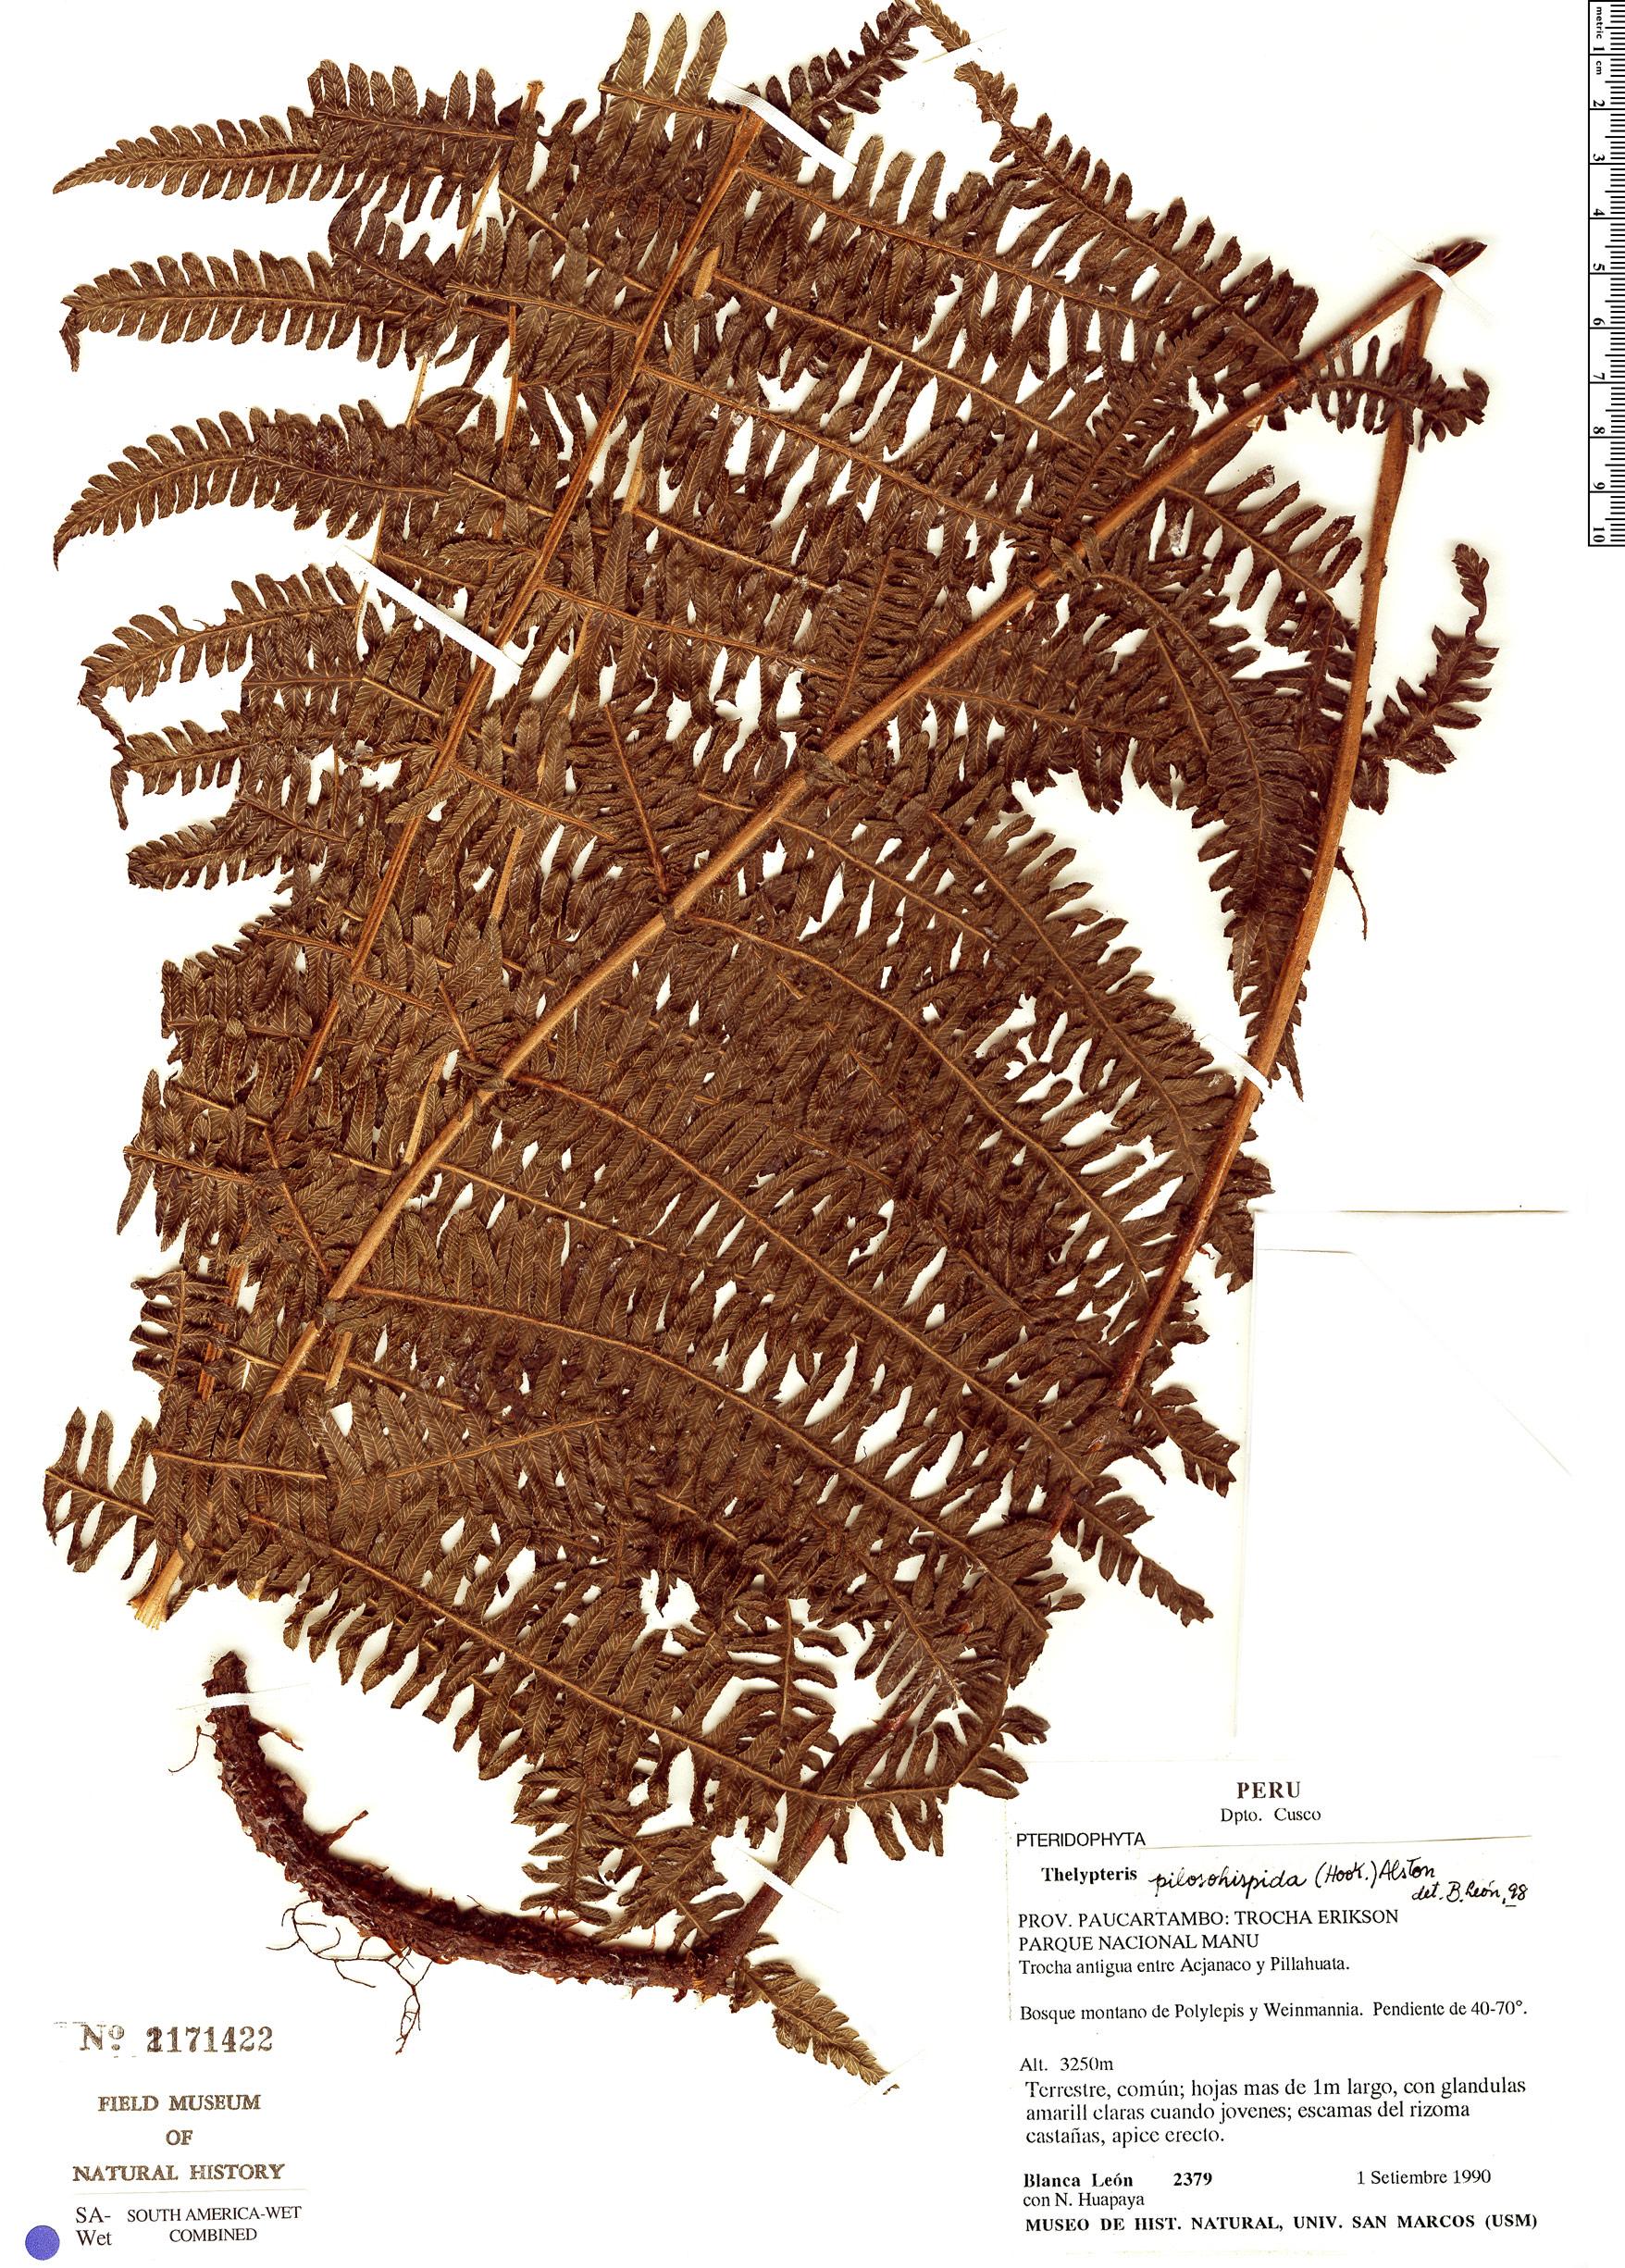 Specimen: Thelypteris pilosohispida